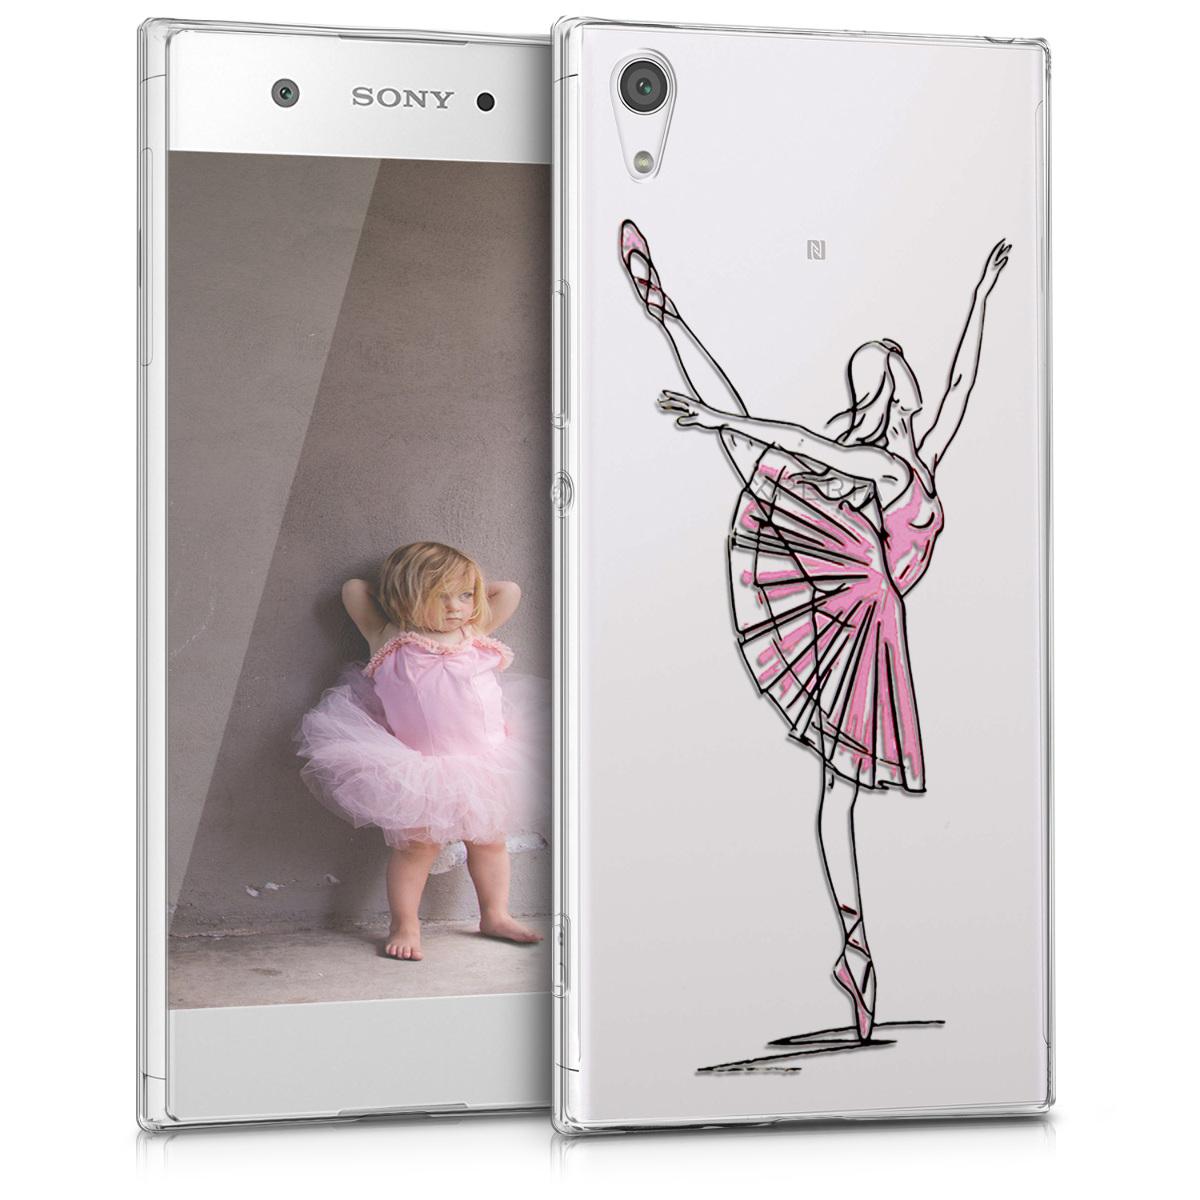 Kvalitní silikonové TPU pouzdro | obal pro Sony Xperia XA1 Ultra - Docela balerína černé / růžové / průhledné